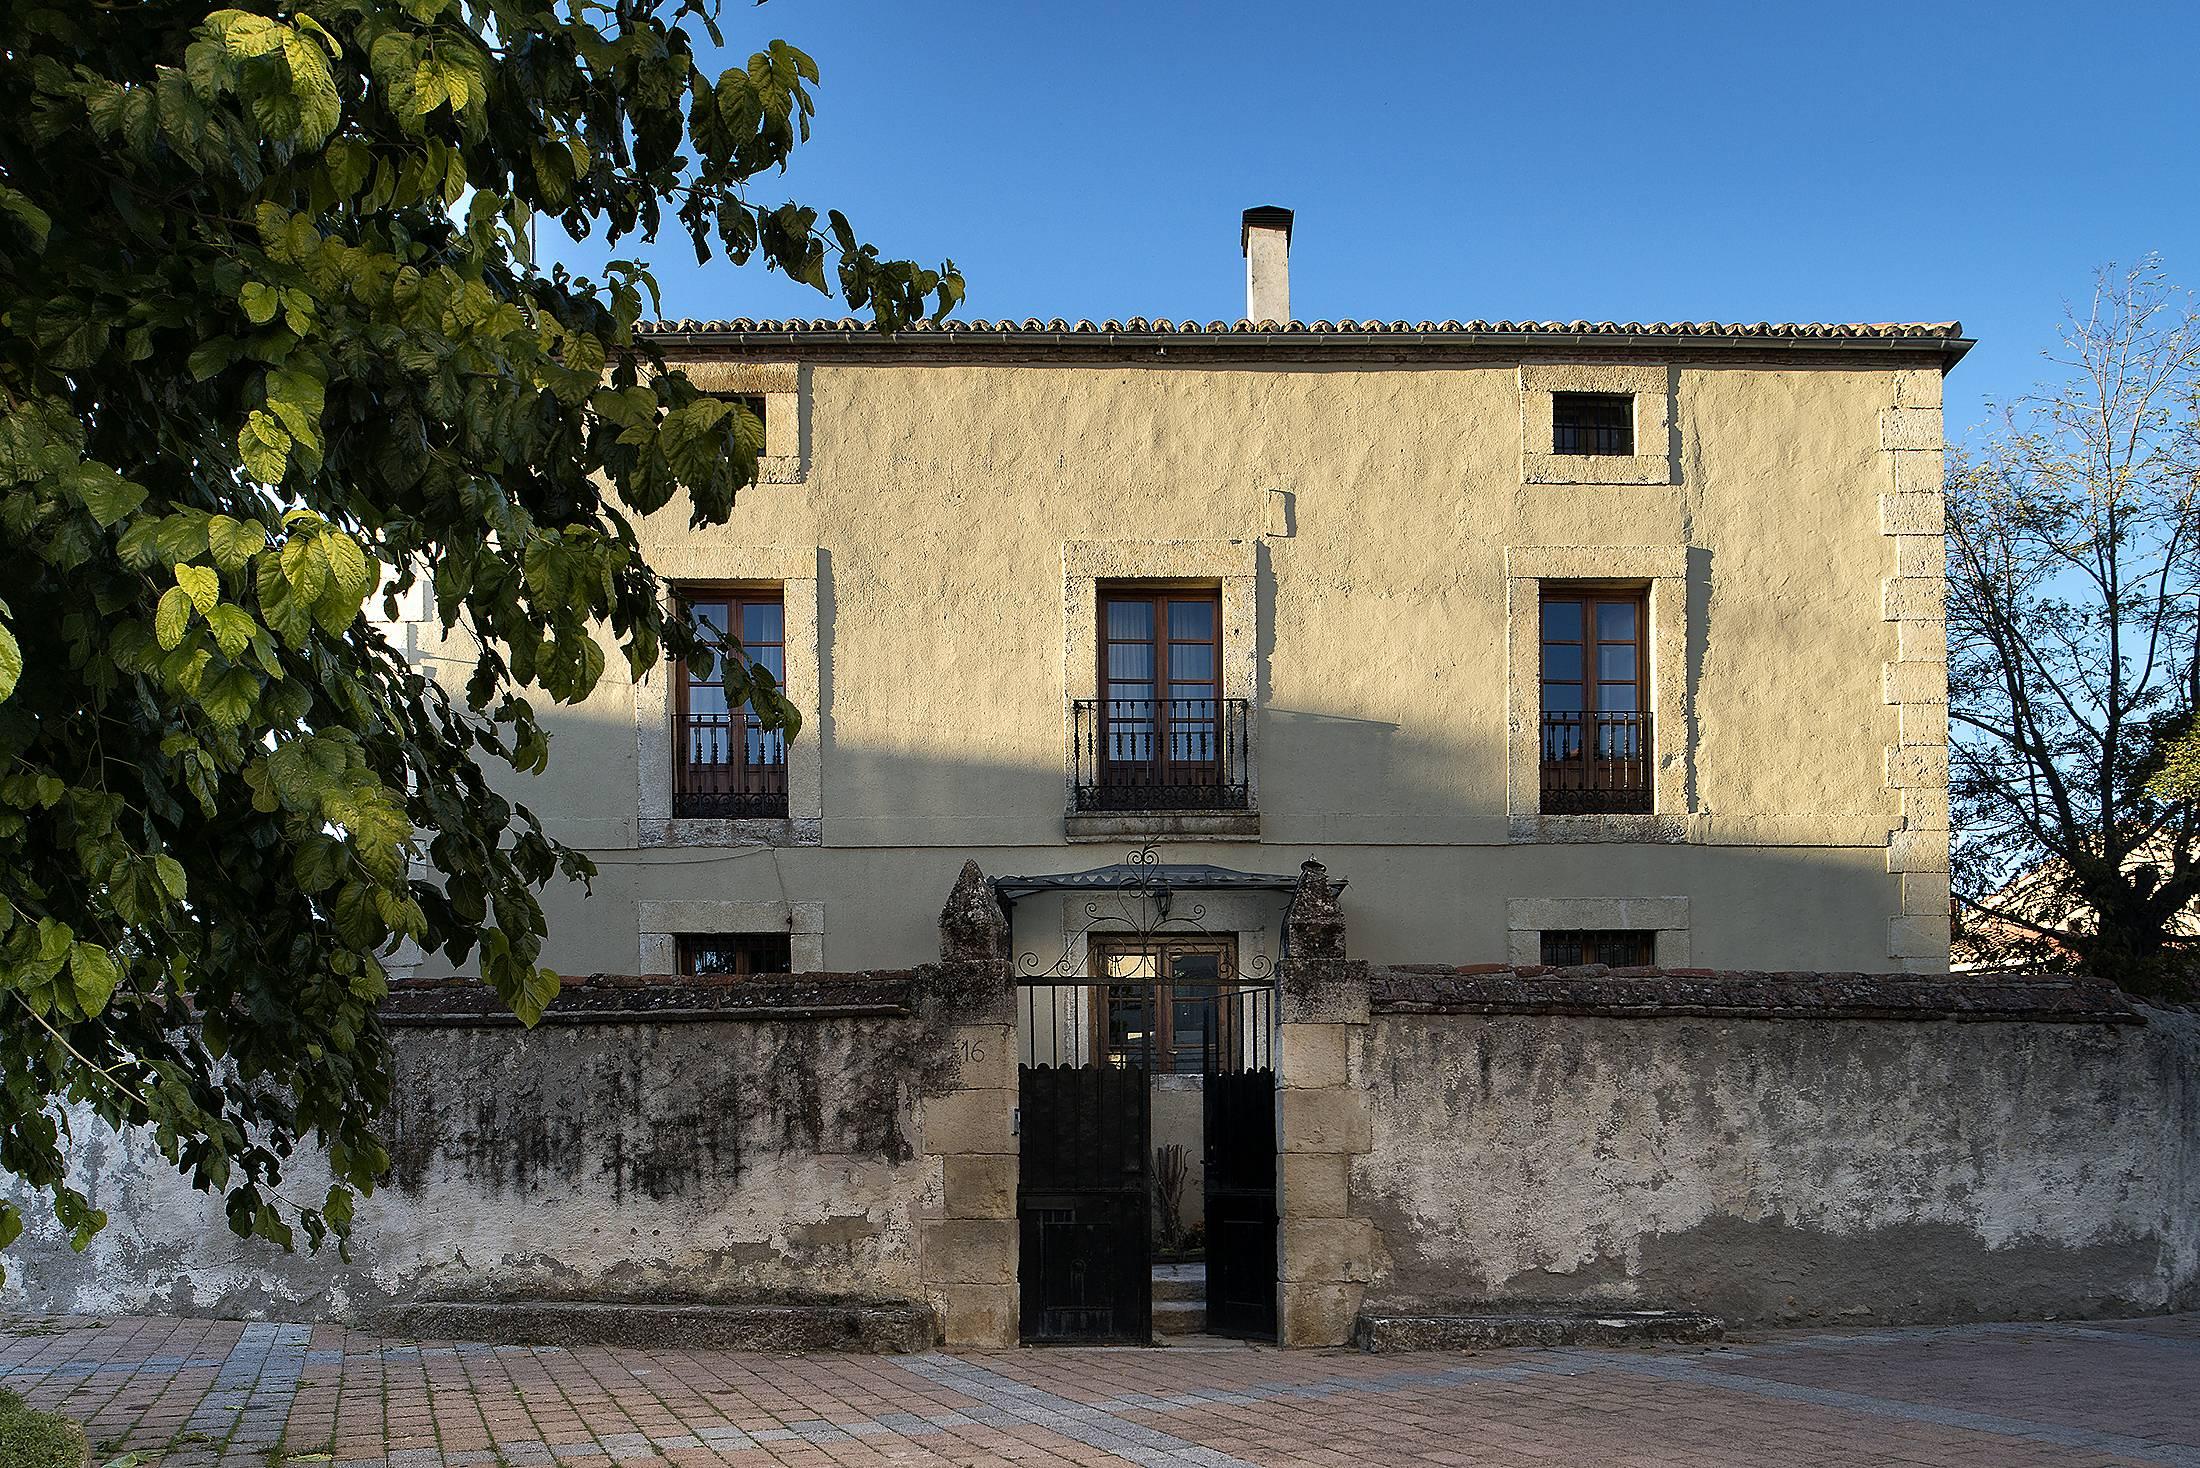 Alquiler apartamentos vacacionales en alameda del valle madrid y casas rurales - Casas vacacionales madrid ...